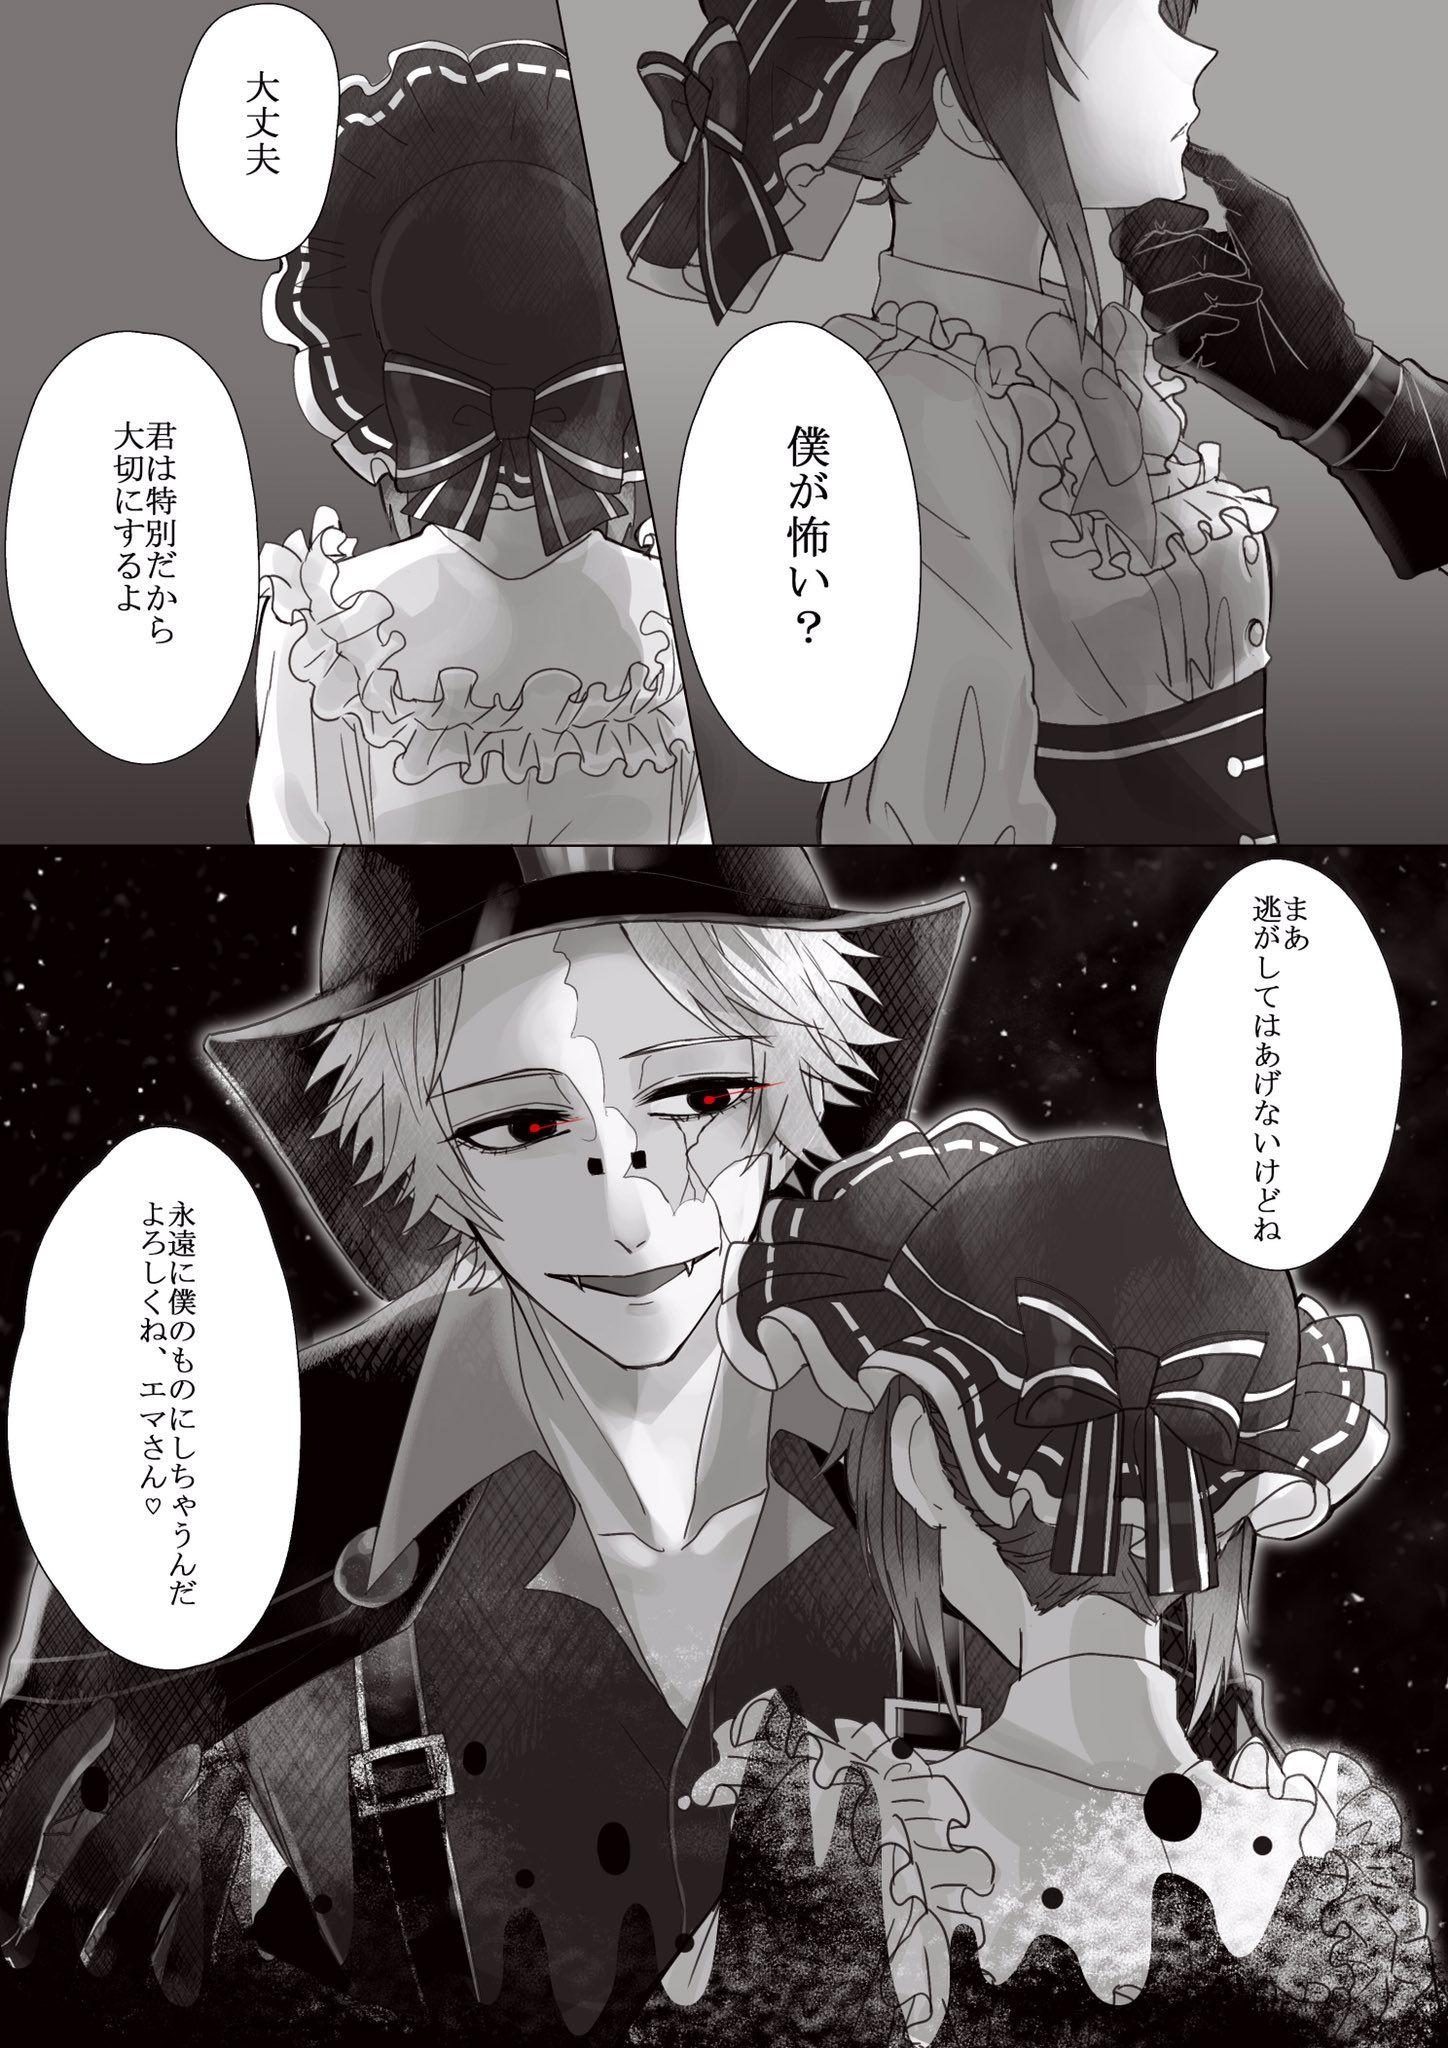 めを on twitter ノトエマ 流浪者ノトと確執エマ in 2021 anime anime drawings identity